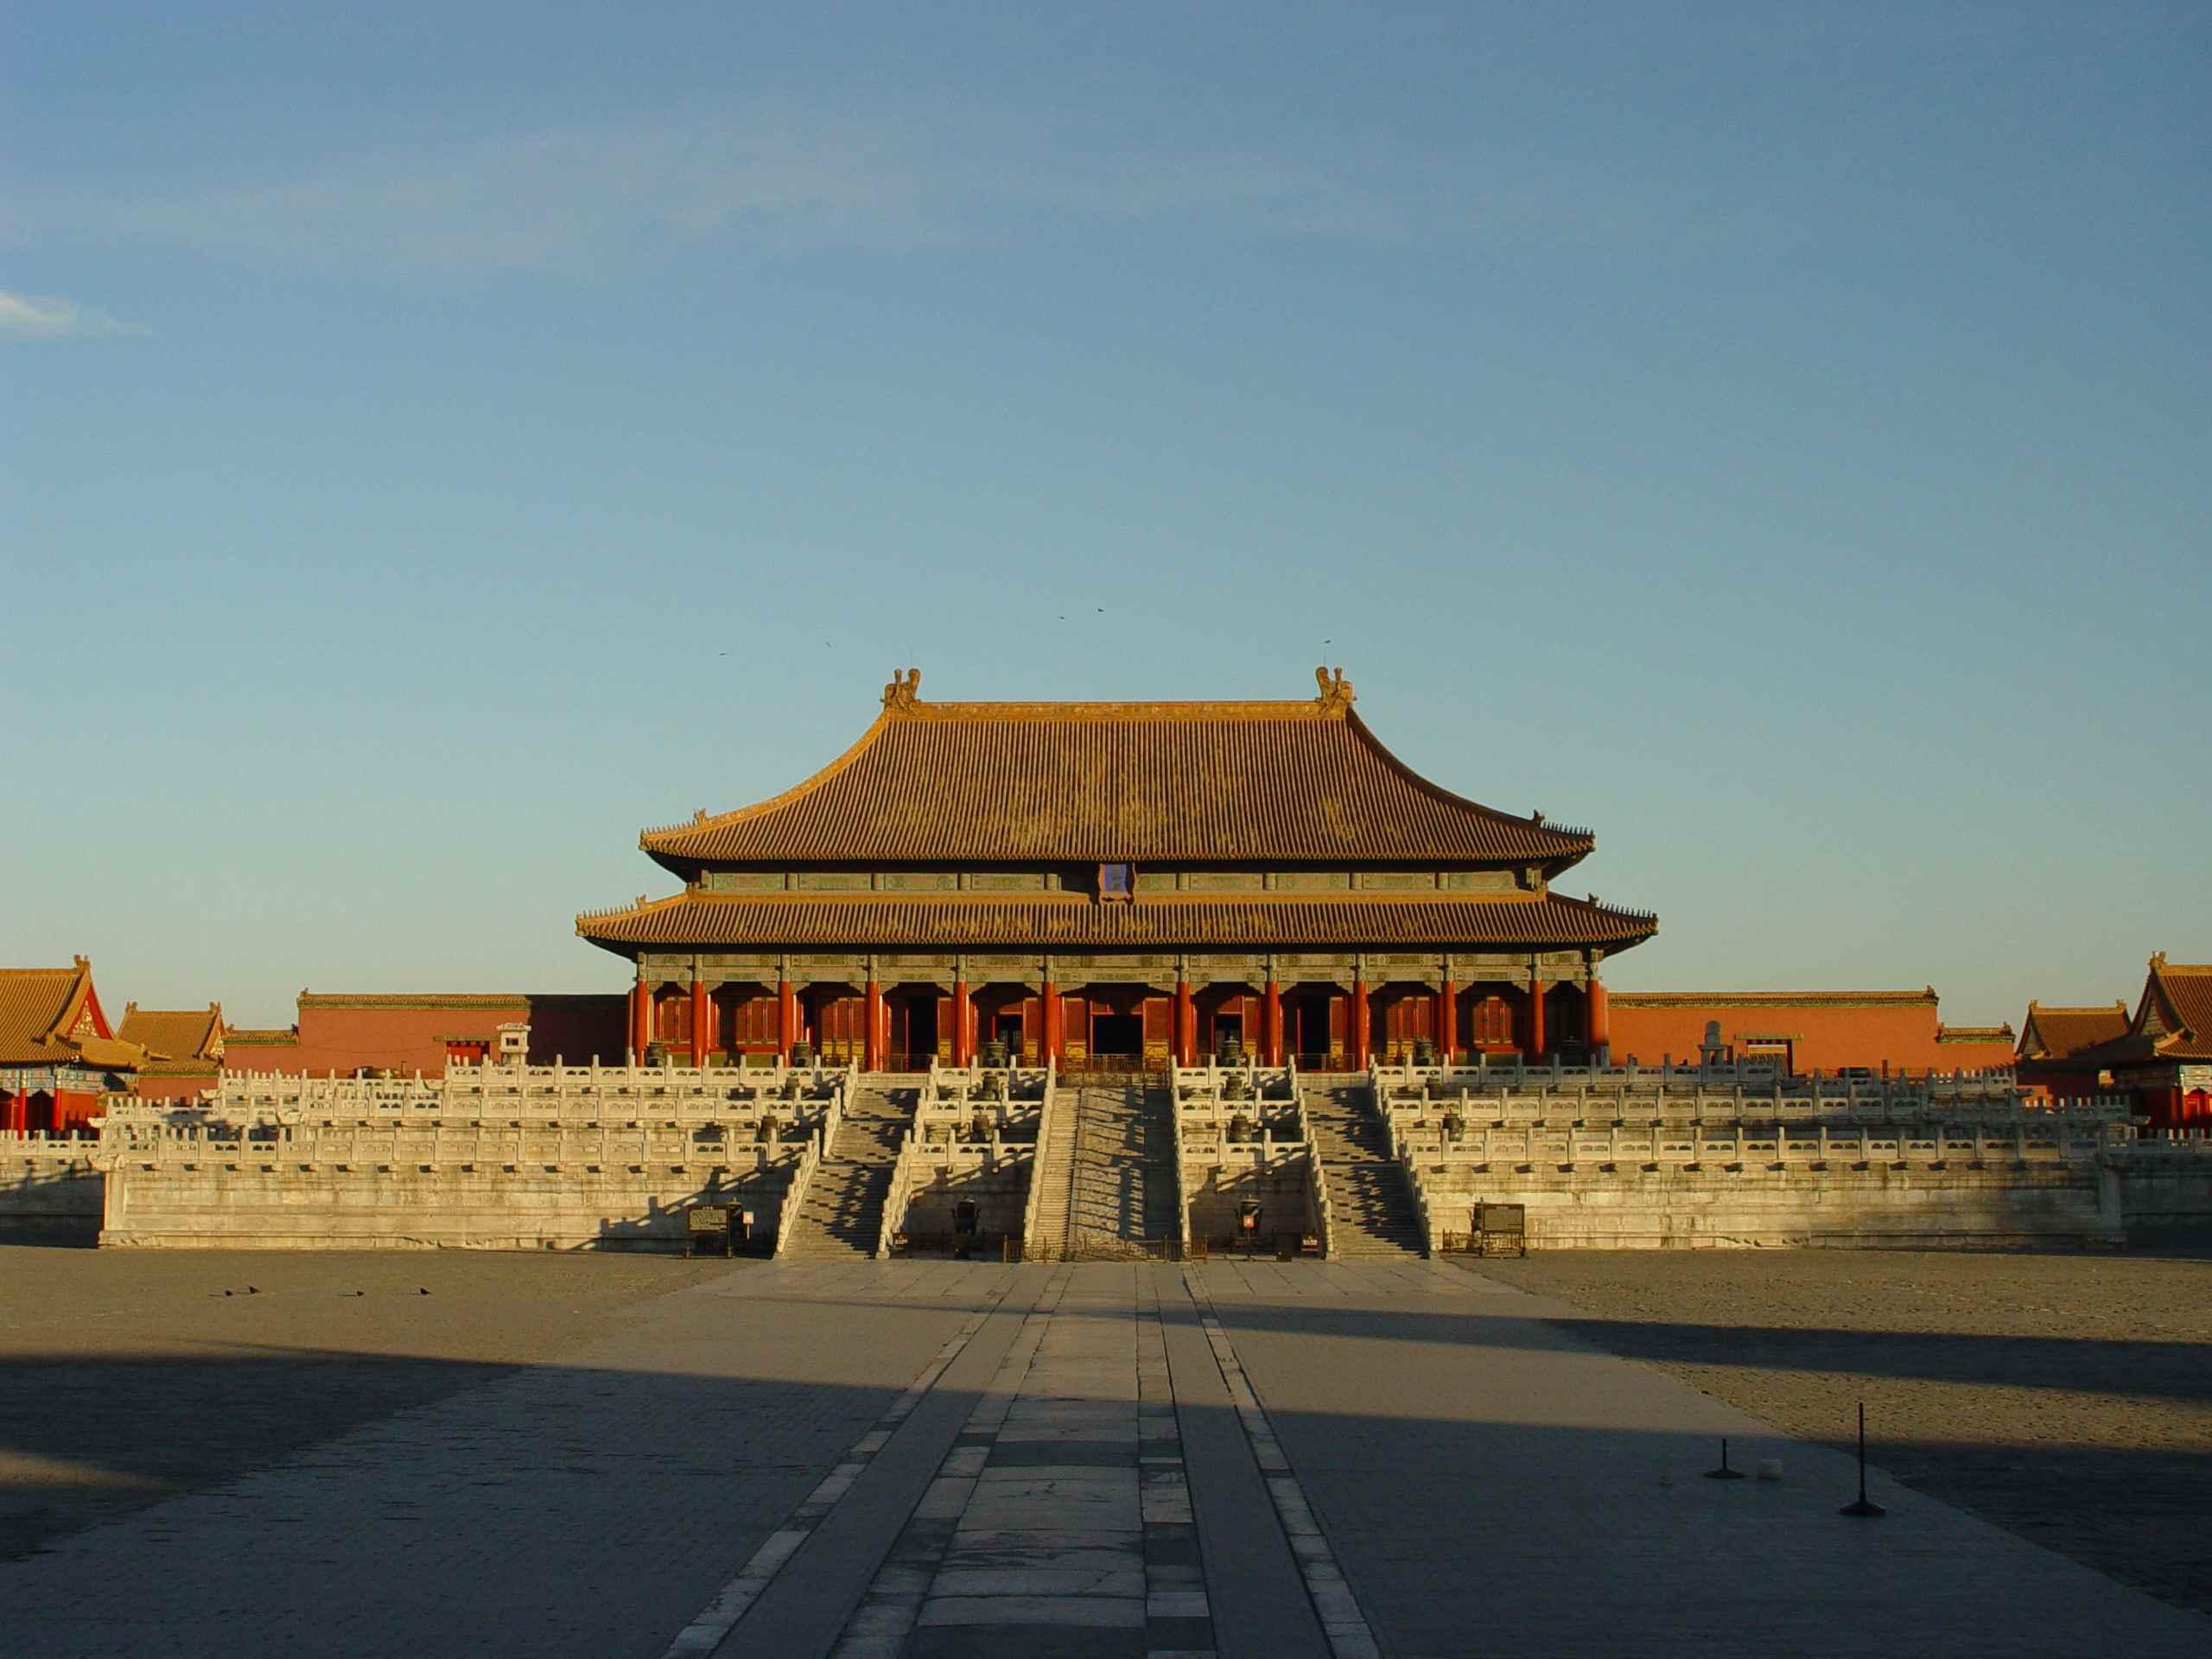 今年,是北京故宫博物院建院90周年,在这一整年里,故宫博物院高清图片